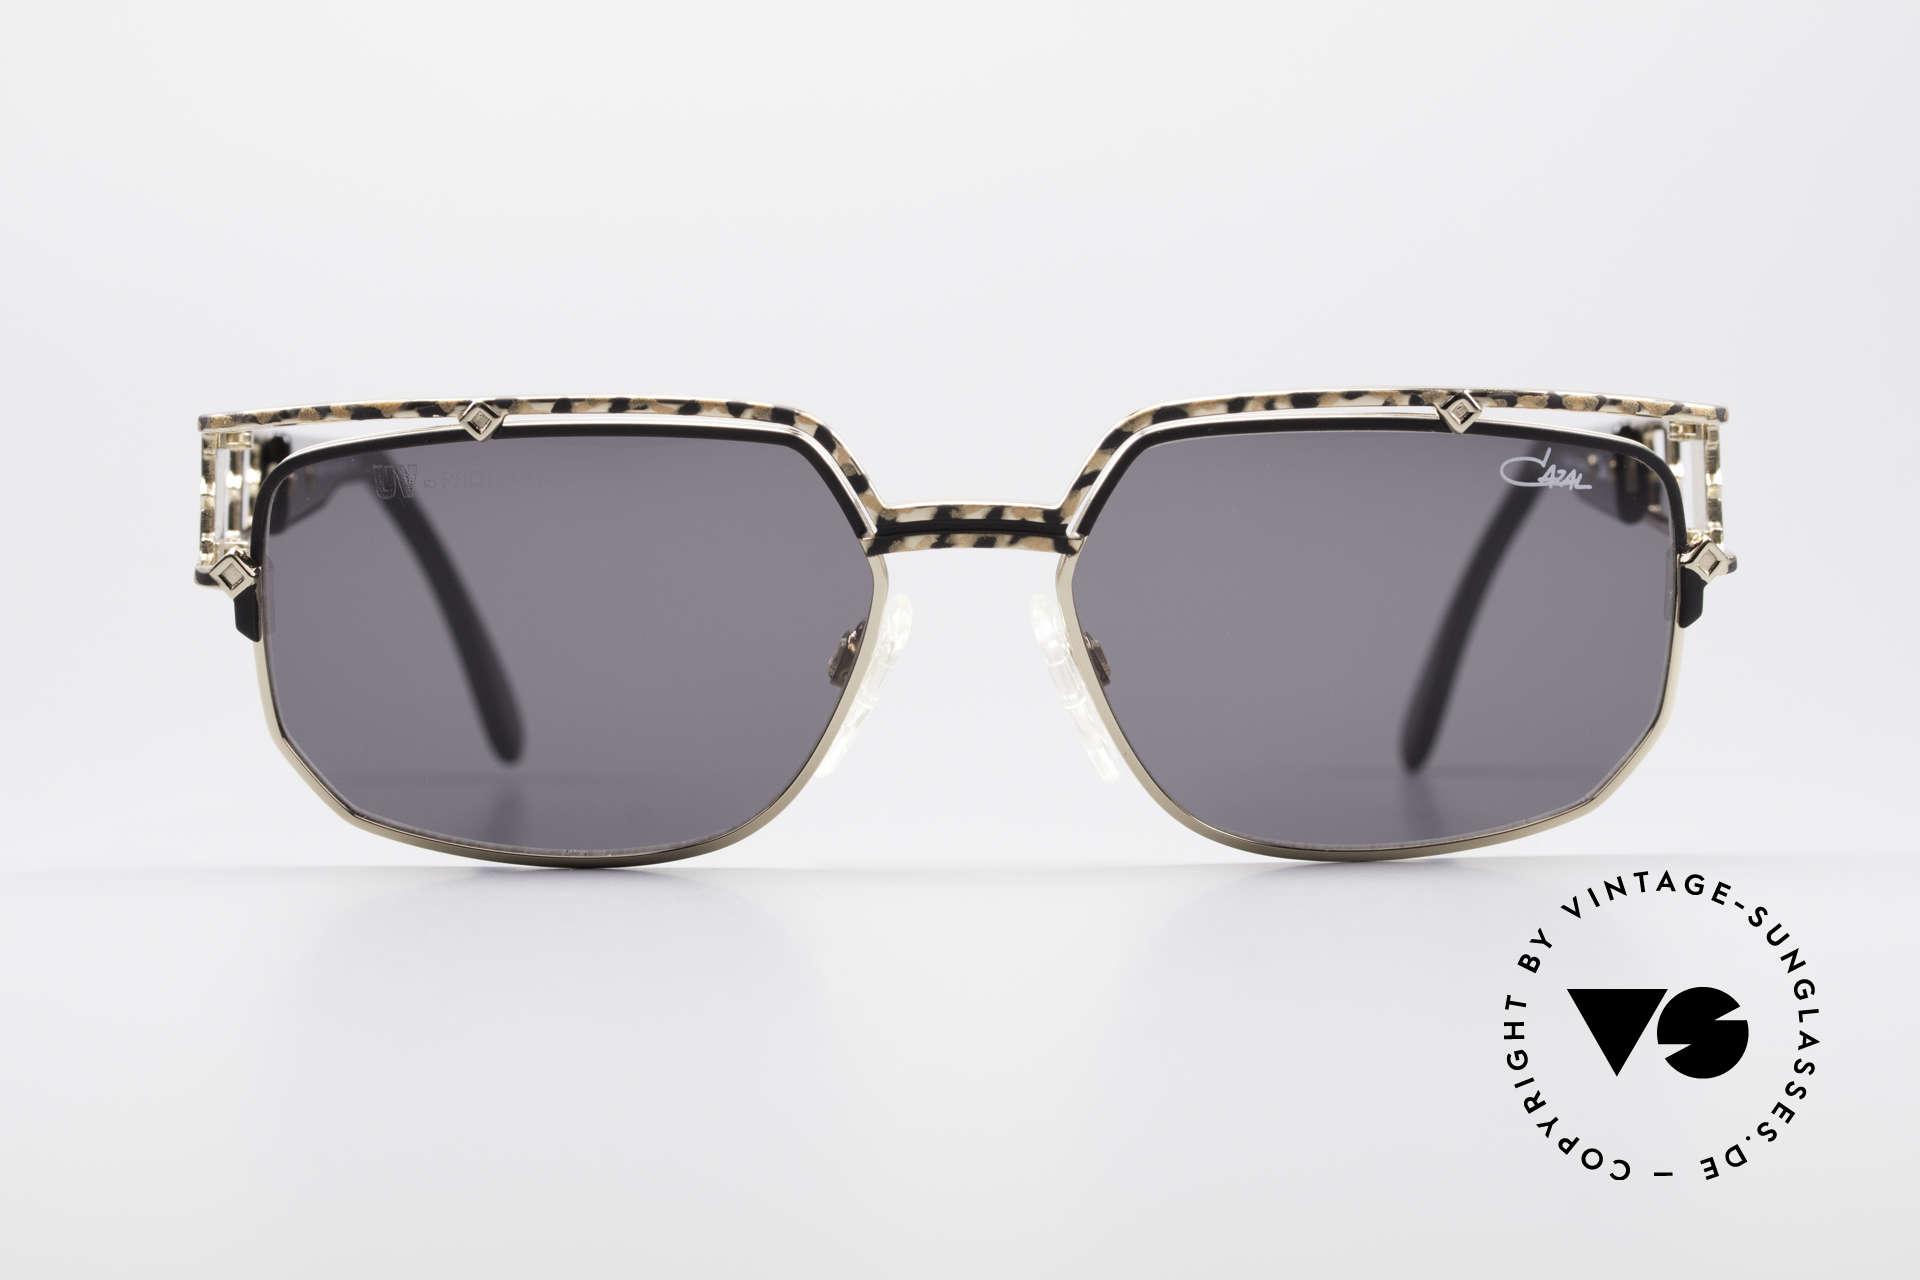 Cazal 979 Vintage Damen Sonnenbrille, sehr markante Front mit anspruchsvollem Bügel-Dekor, Passend für Damen